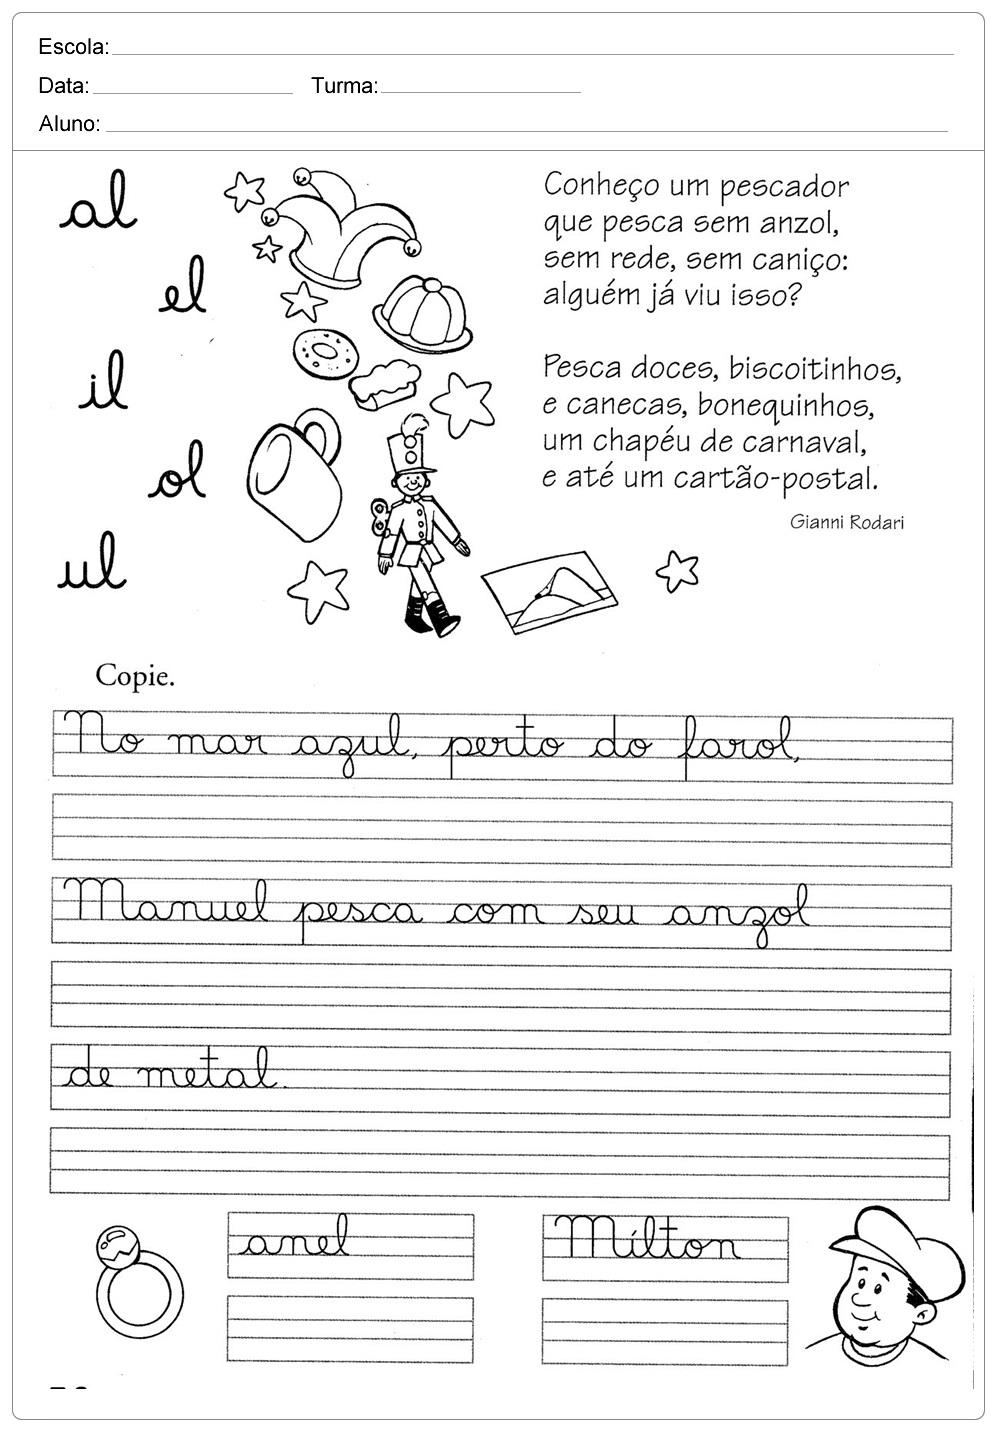 Atividades decaligrafiacom a letra L - para imprimir